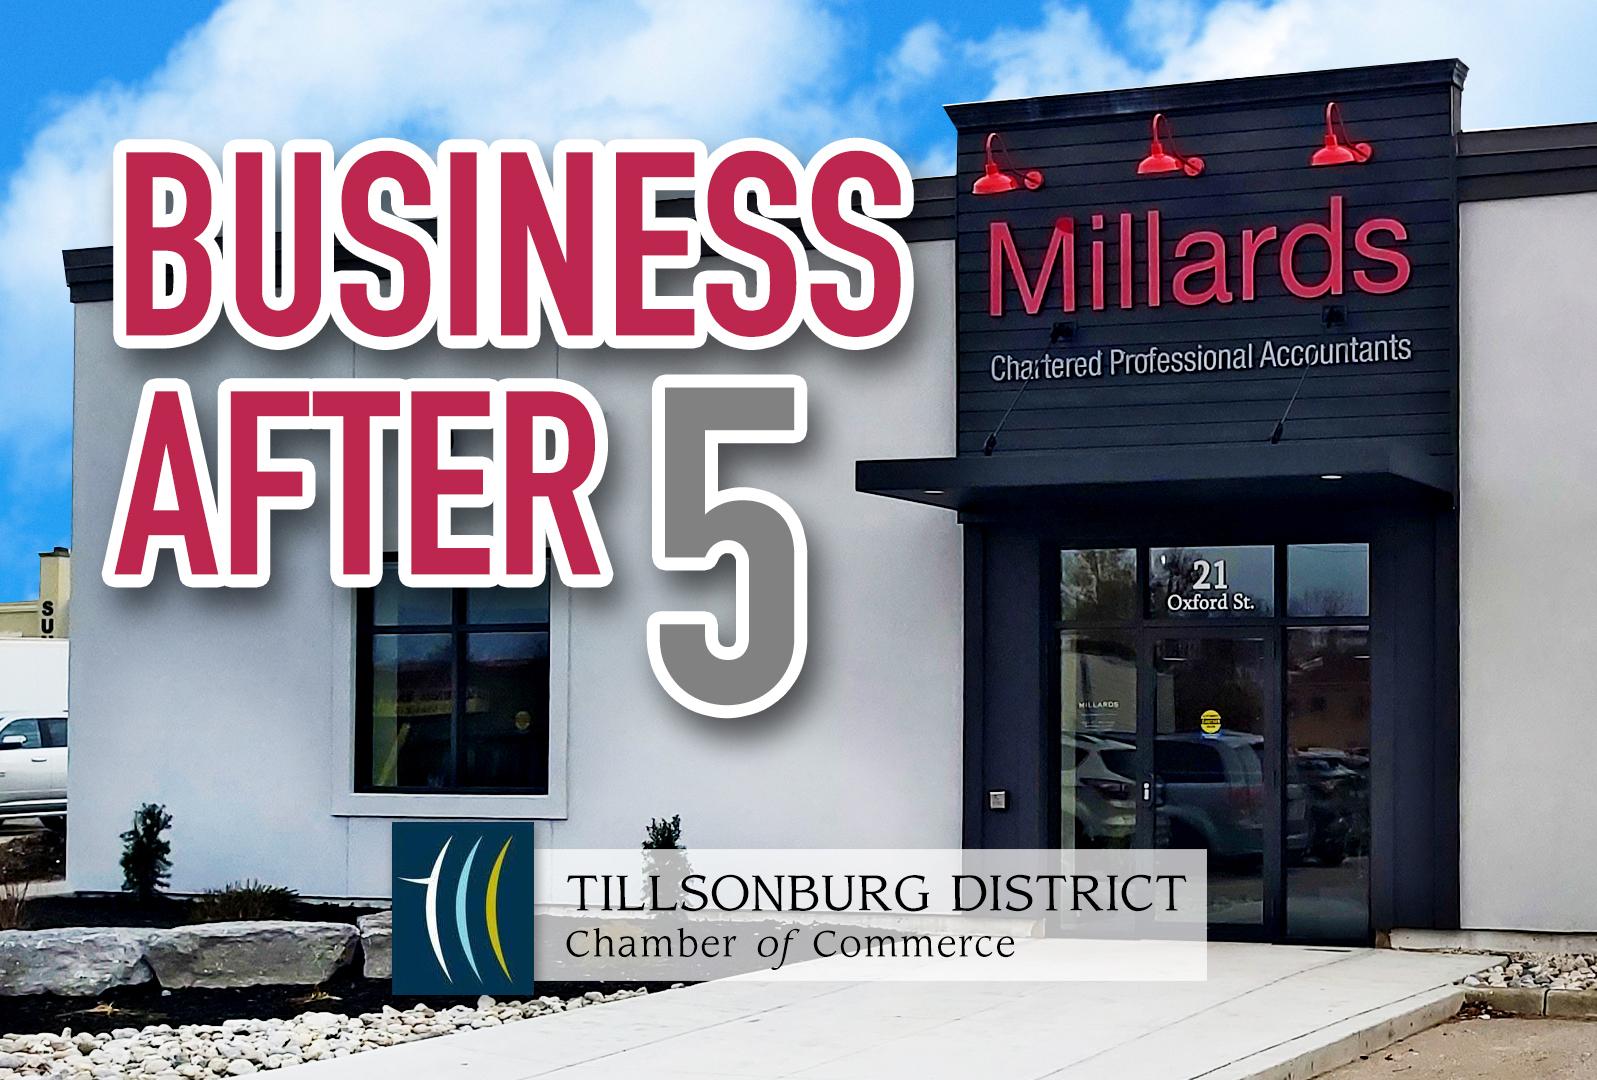 BusinessAfter5